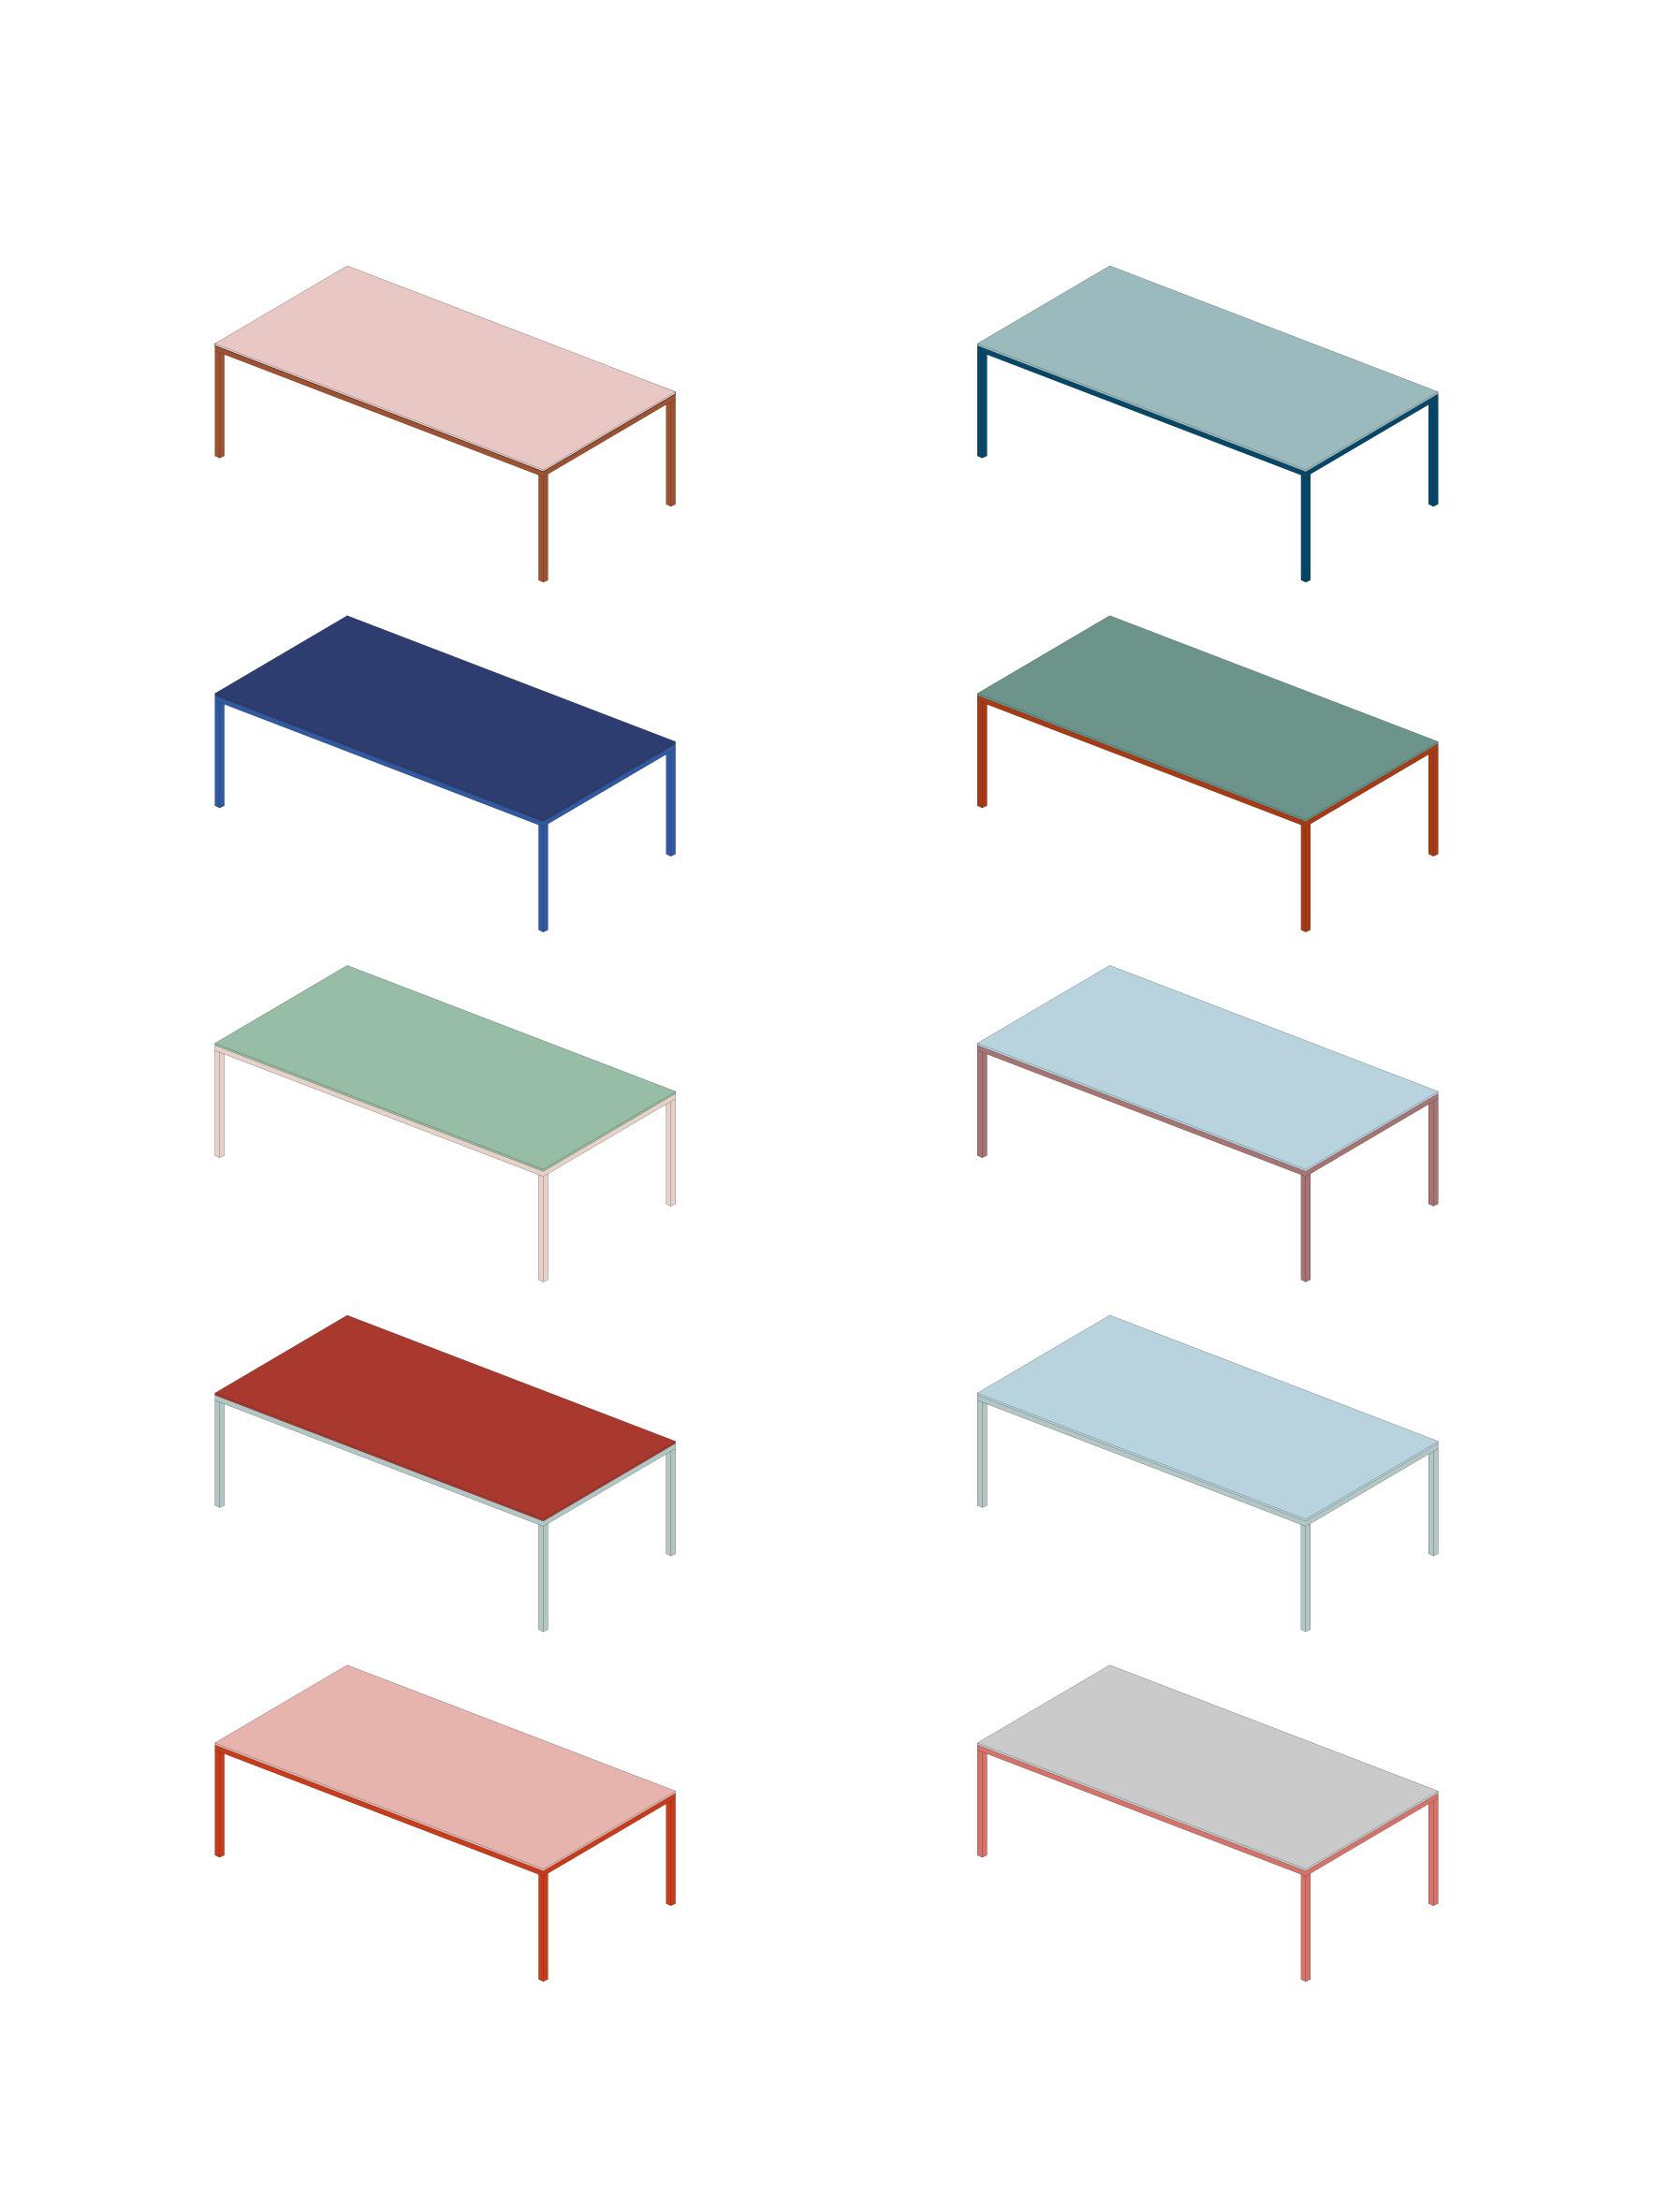 table-so-1a.jpg